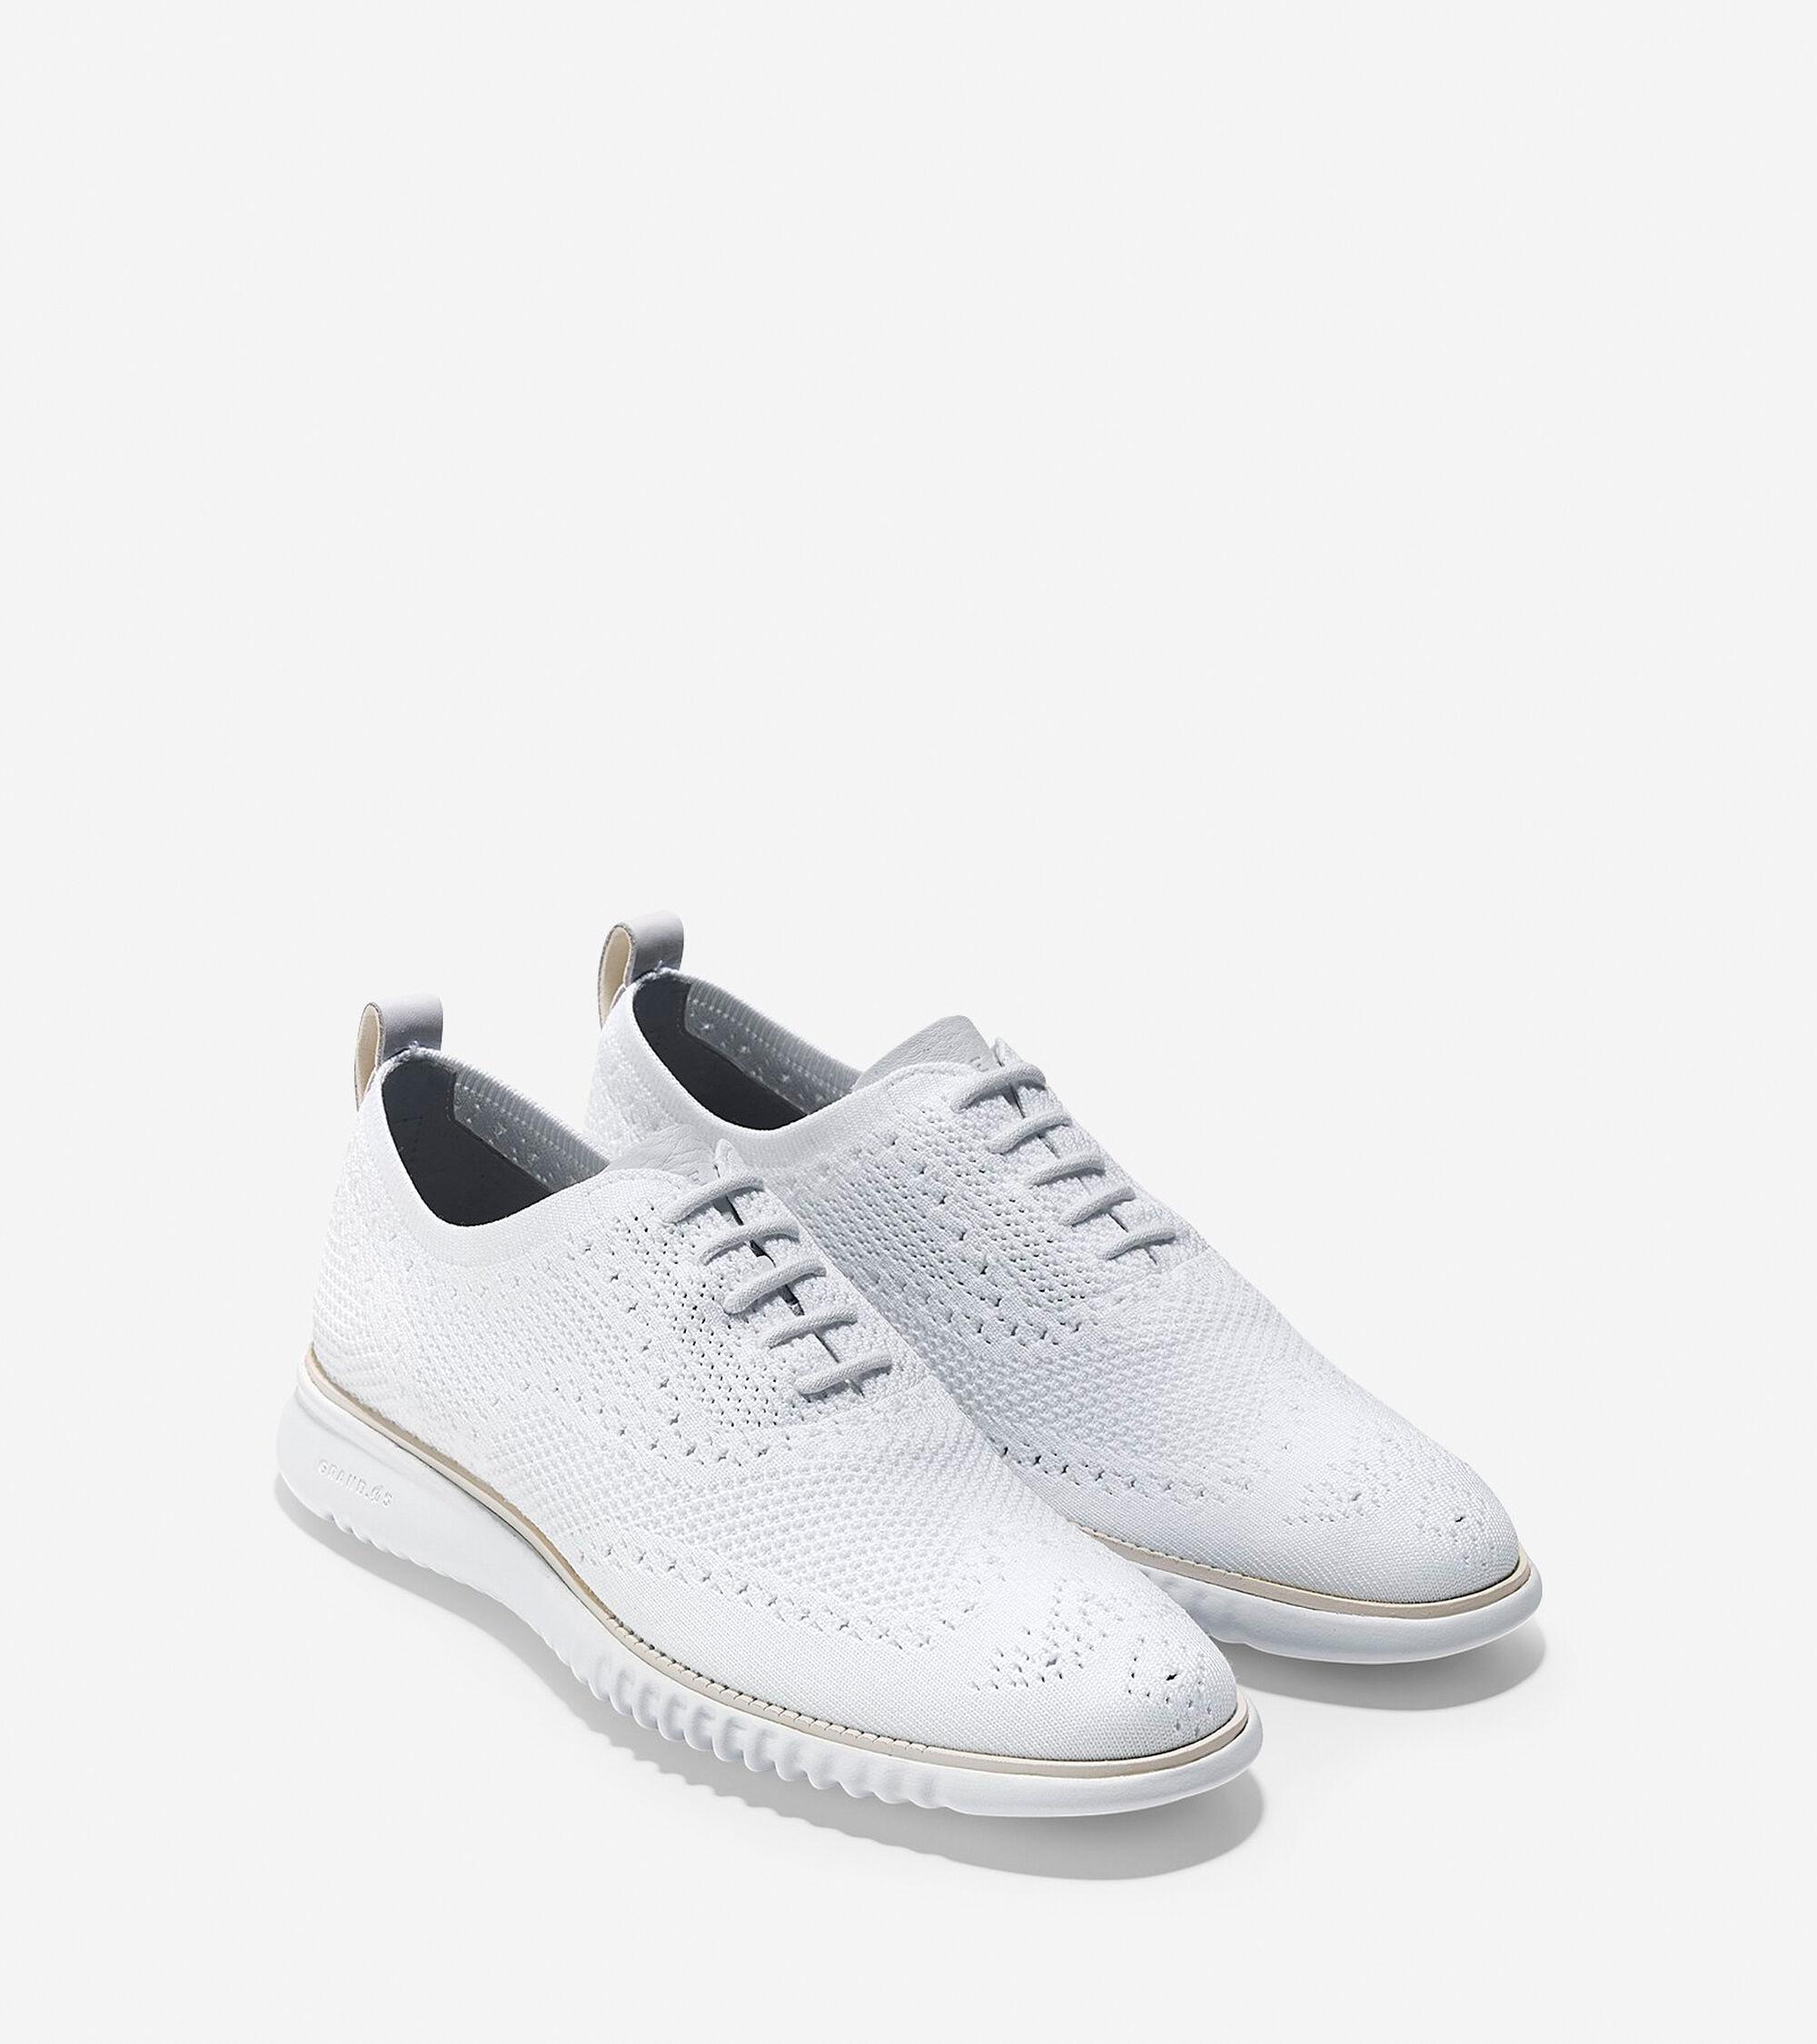 38db0979310488 Men s 2.ZEROGRAND Stitchlite Oxfords in White